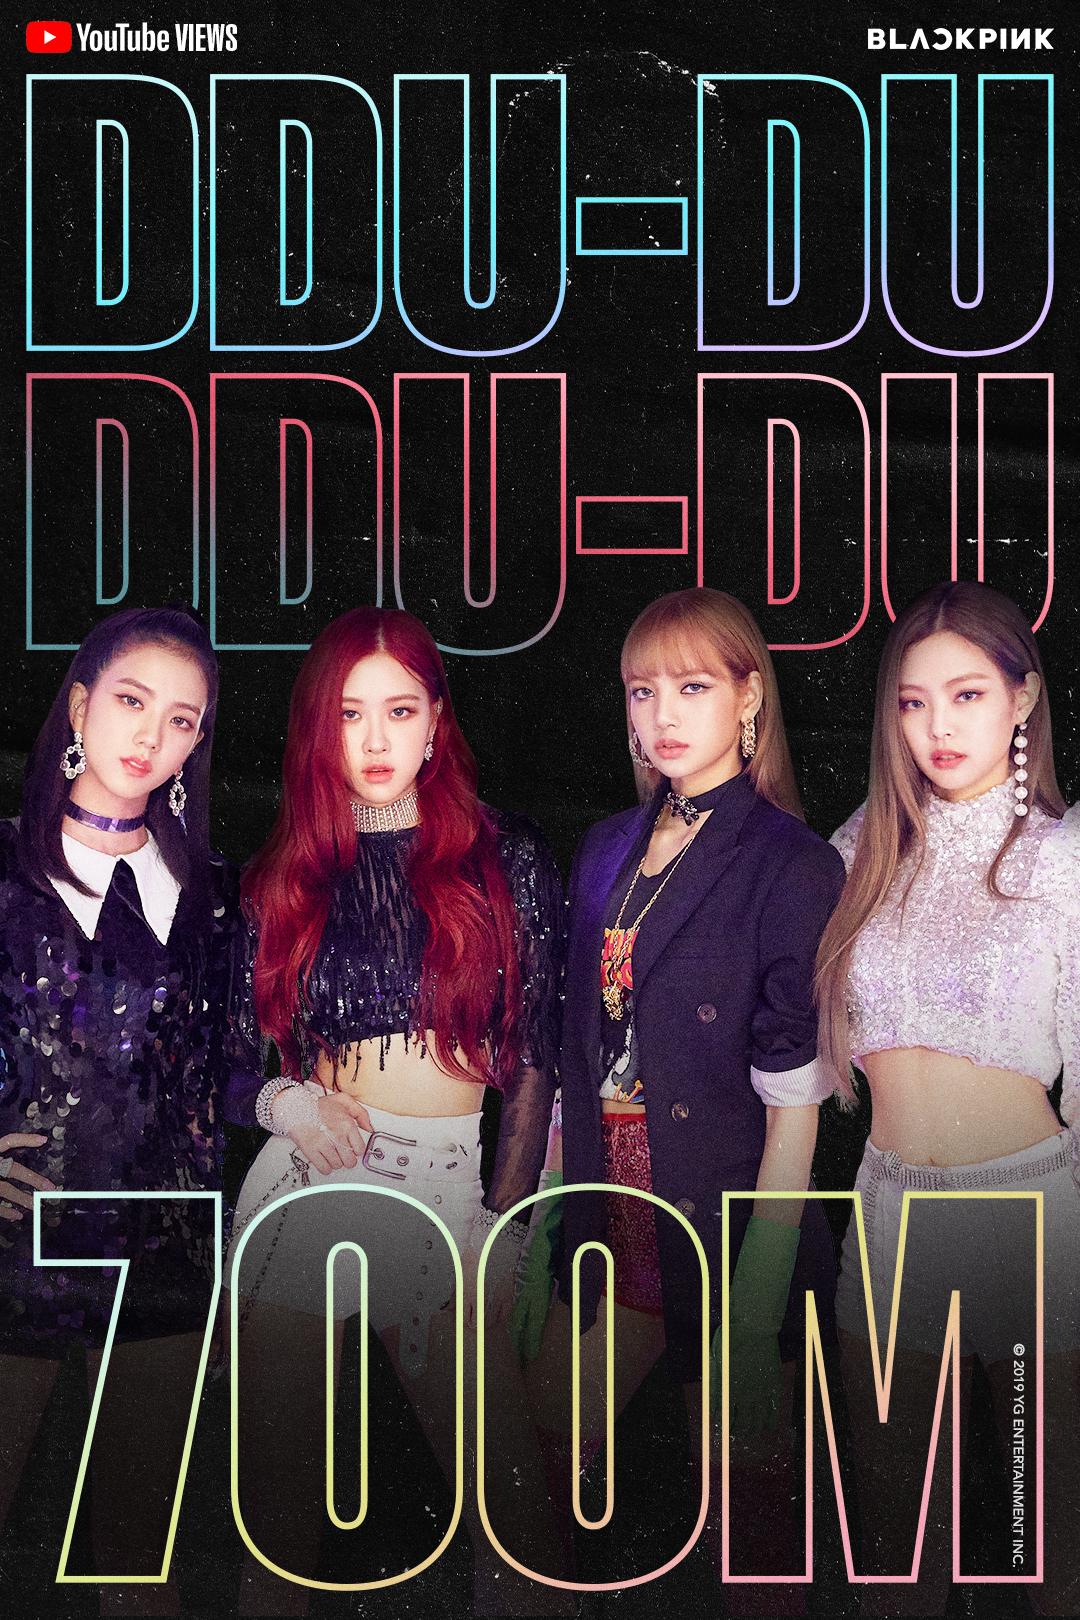 BP_DDUDU_700M